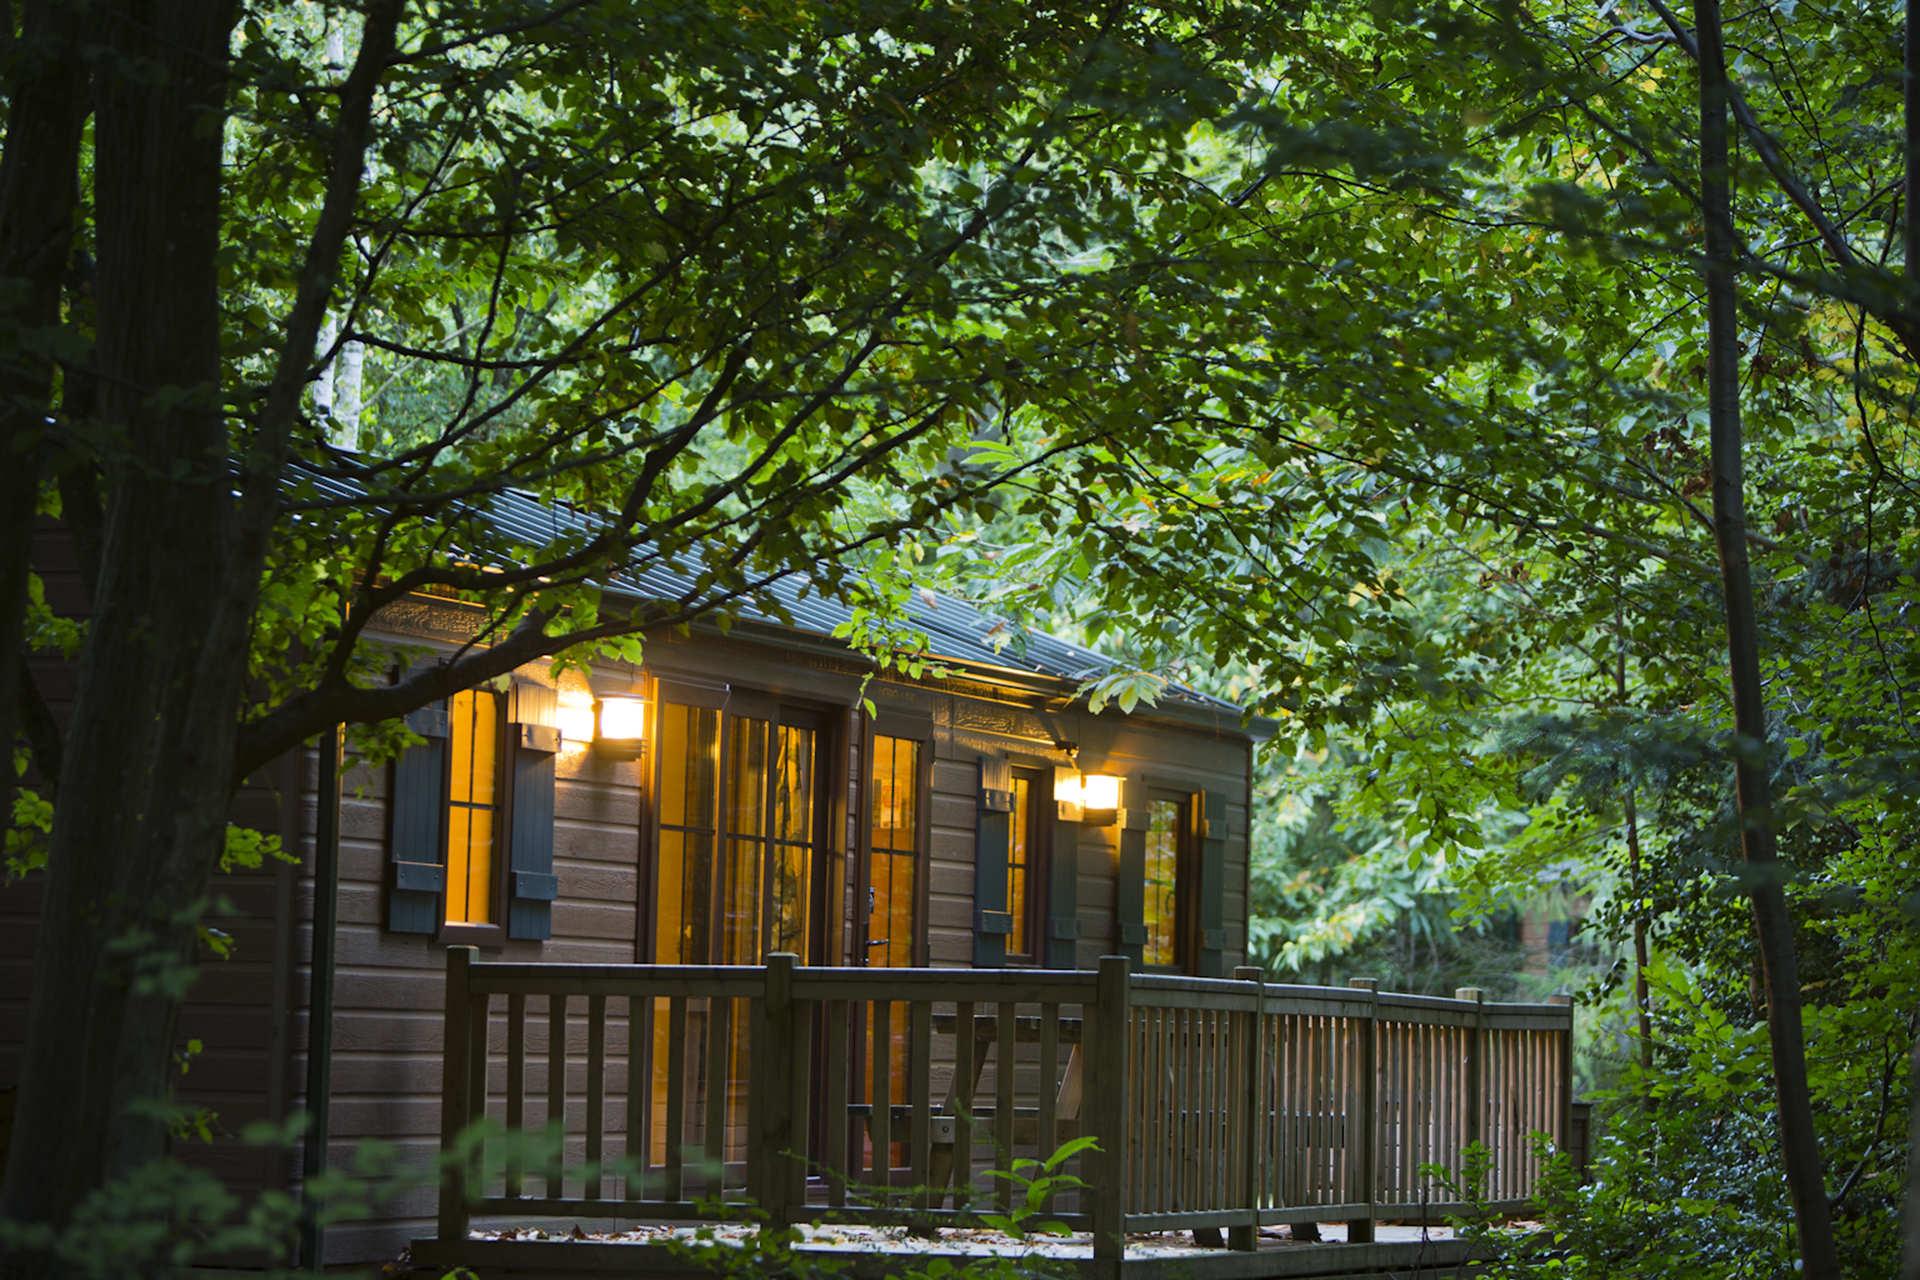 Séjour Seine-et-Marne - Disney's Davy Crockett Ranch - Jusqu'à -30% sur votre séjour + 100€ de CARTE CADEAU OFFERTS!